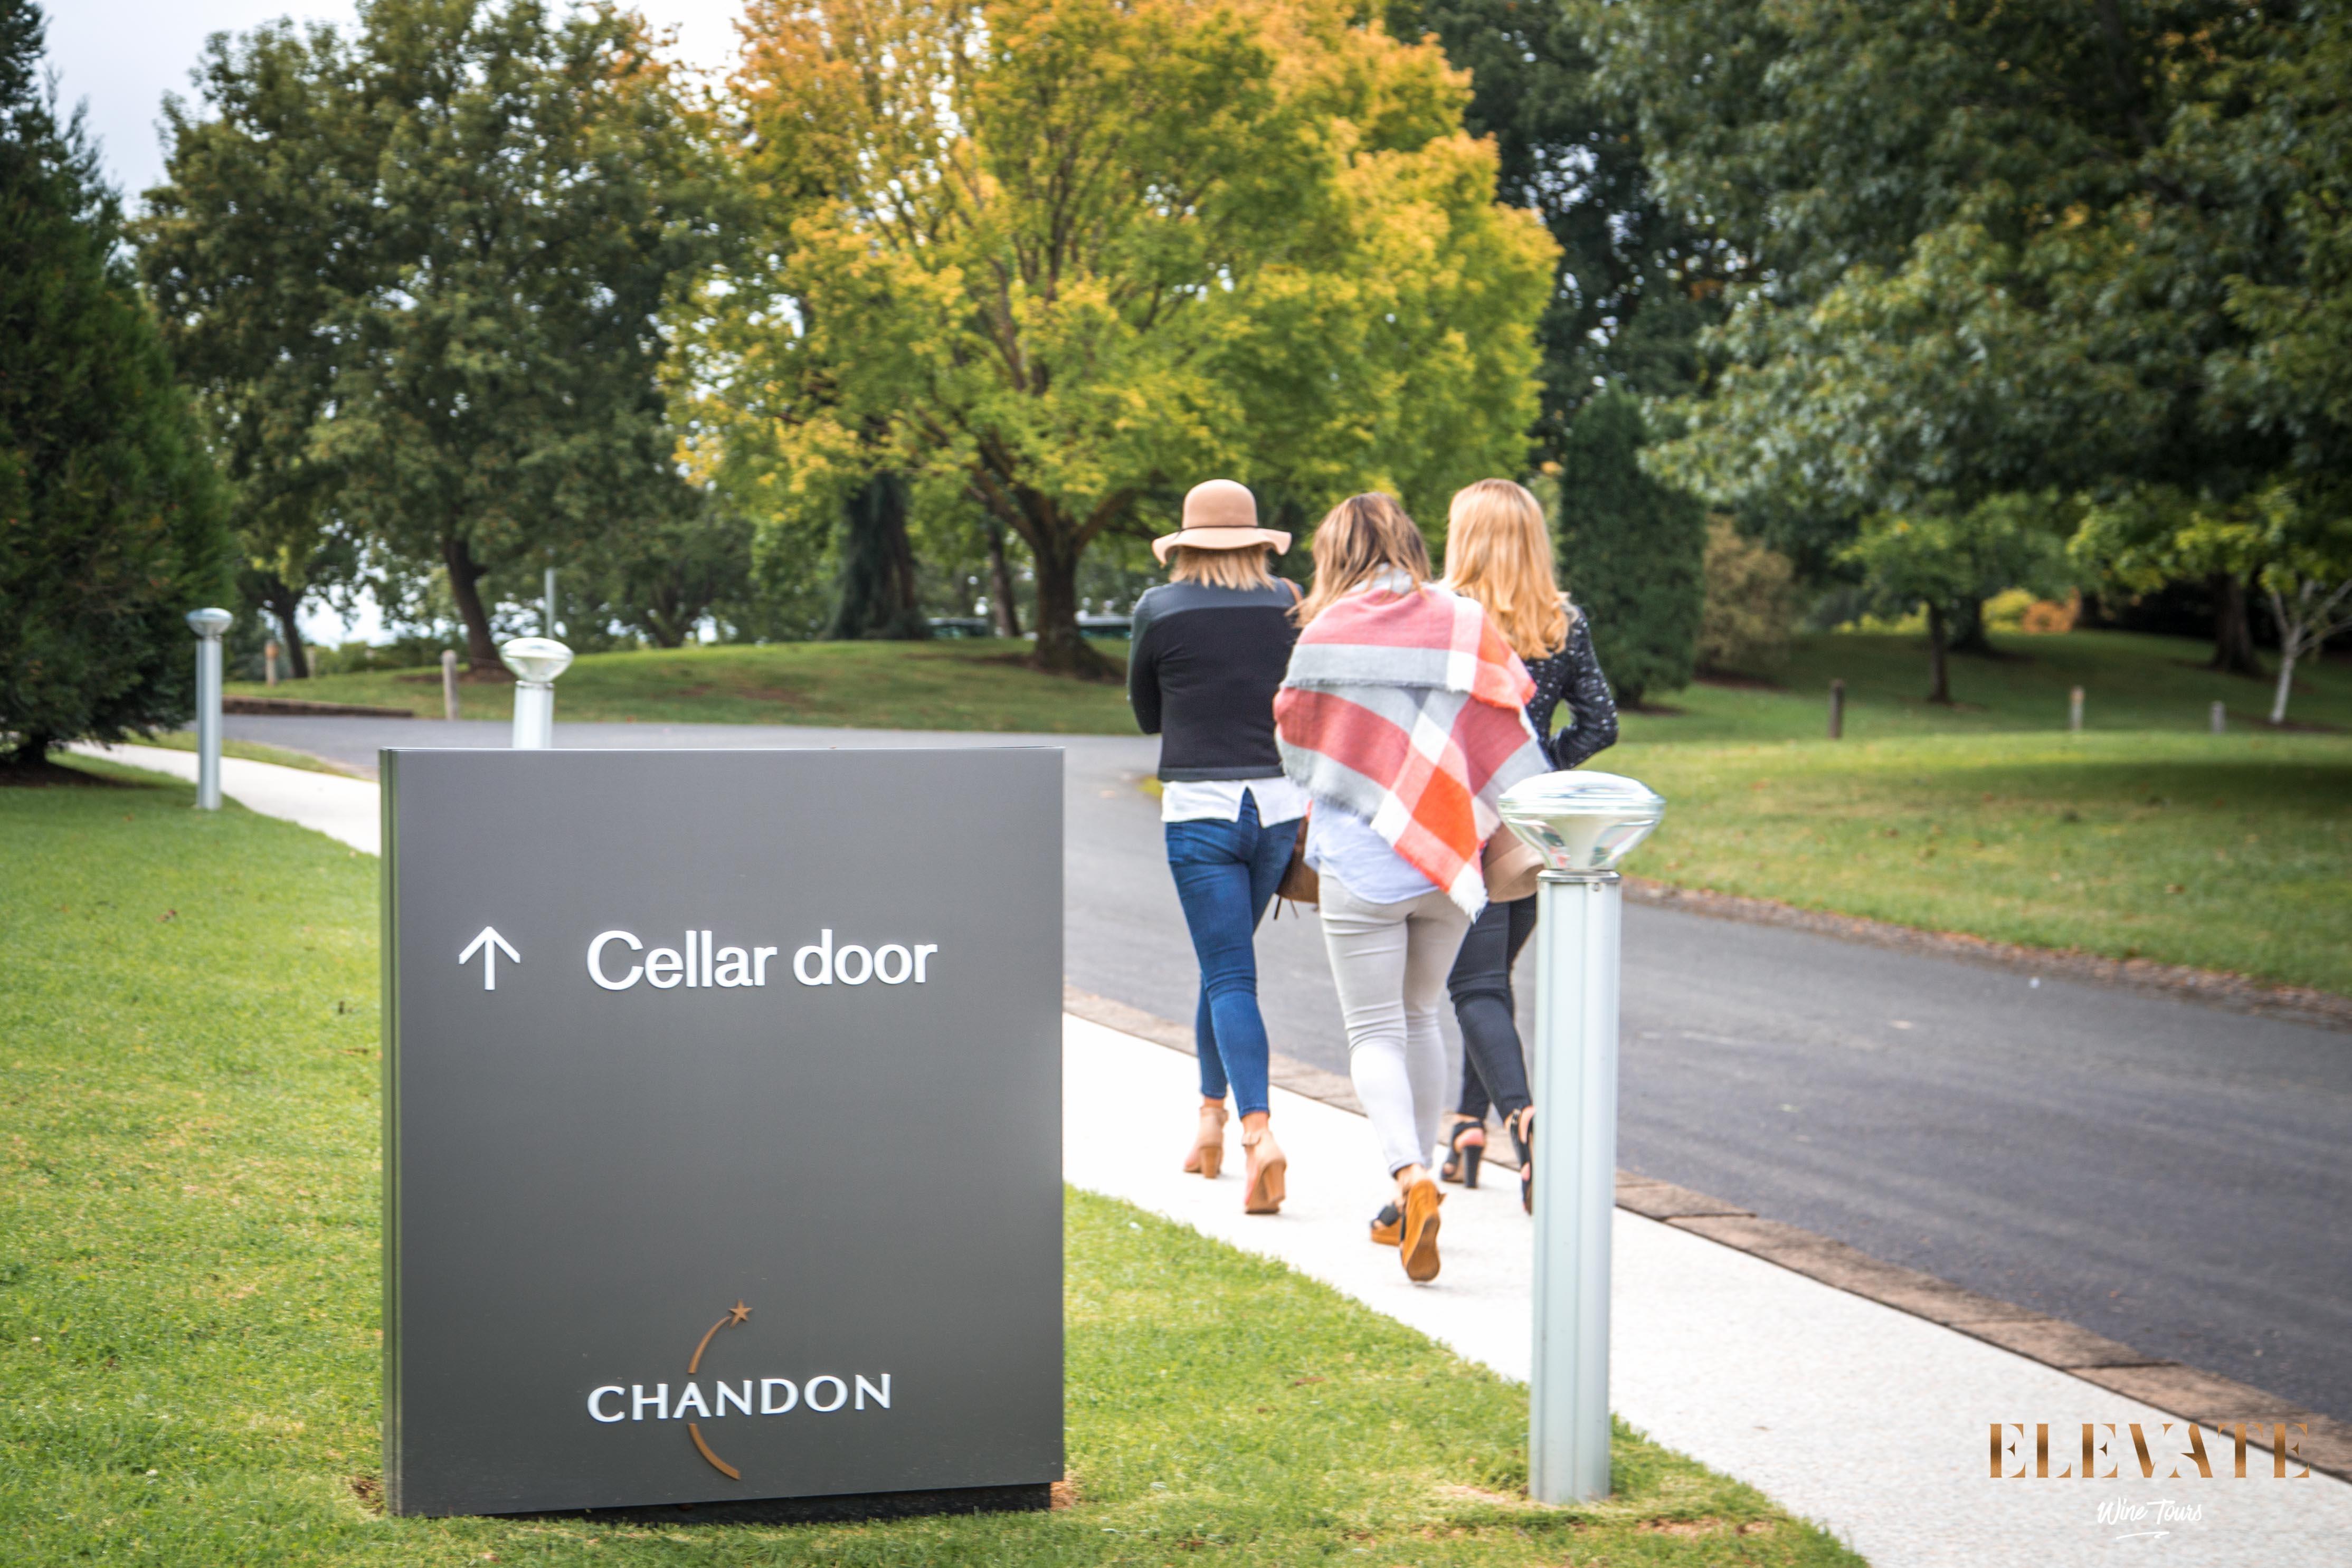 Walking towards Chandon cellar door